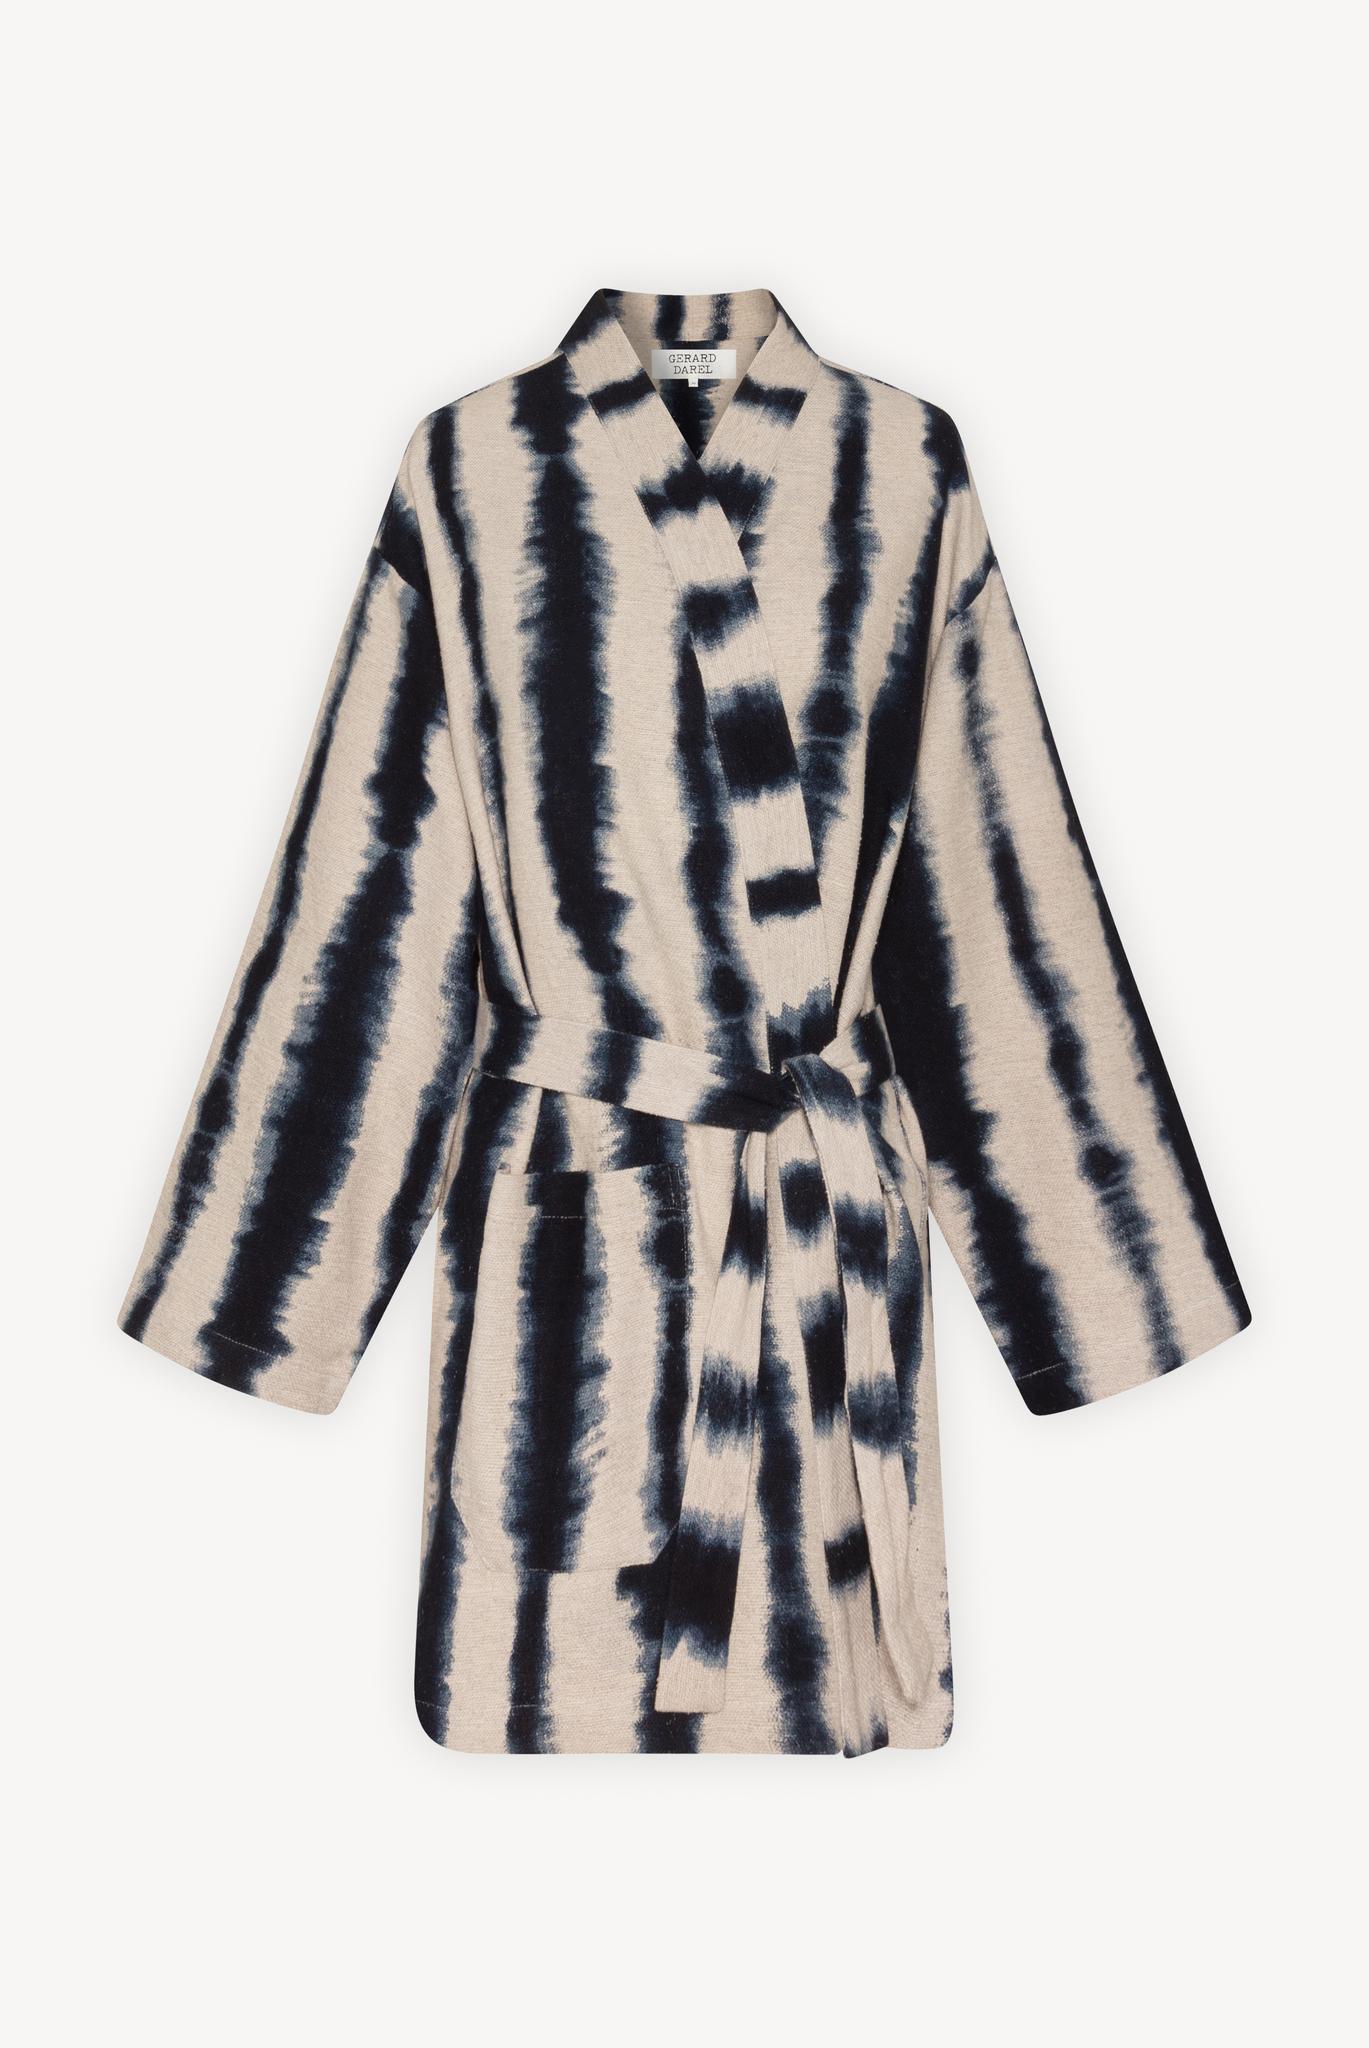 ALYA - Шелковый жакет в стиле кимоно